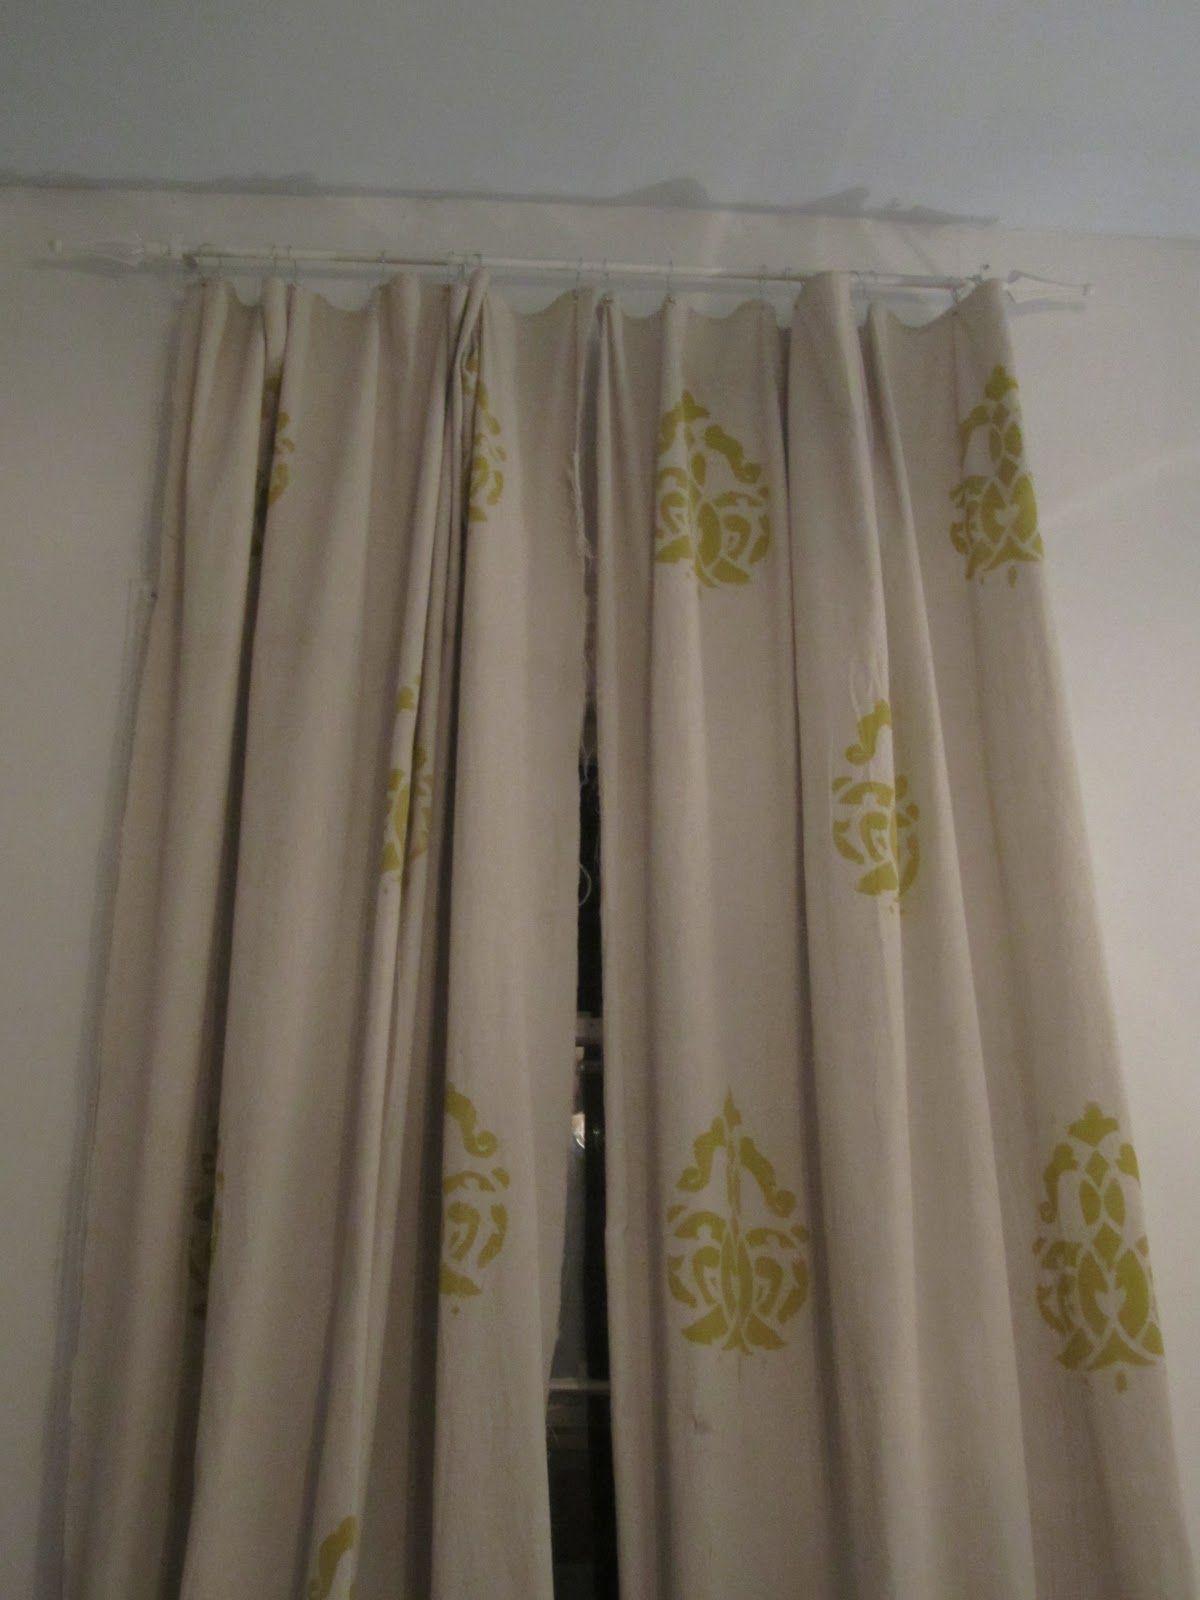 DIY Stencil Curtains! | Stencil diy, Stenciled curtains ...